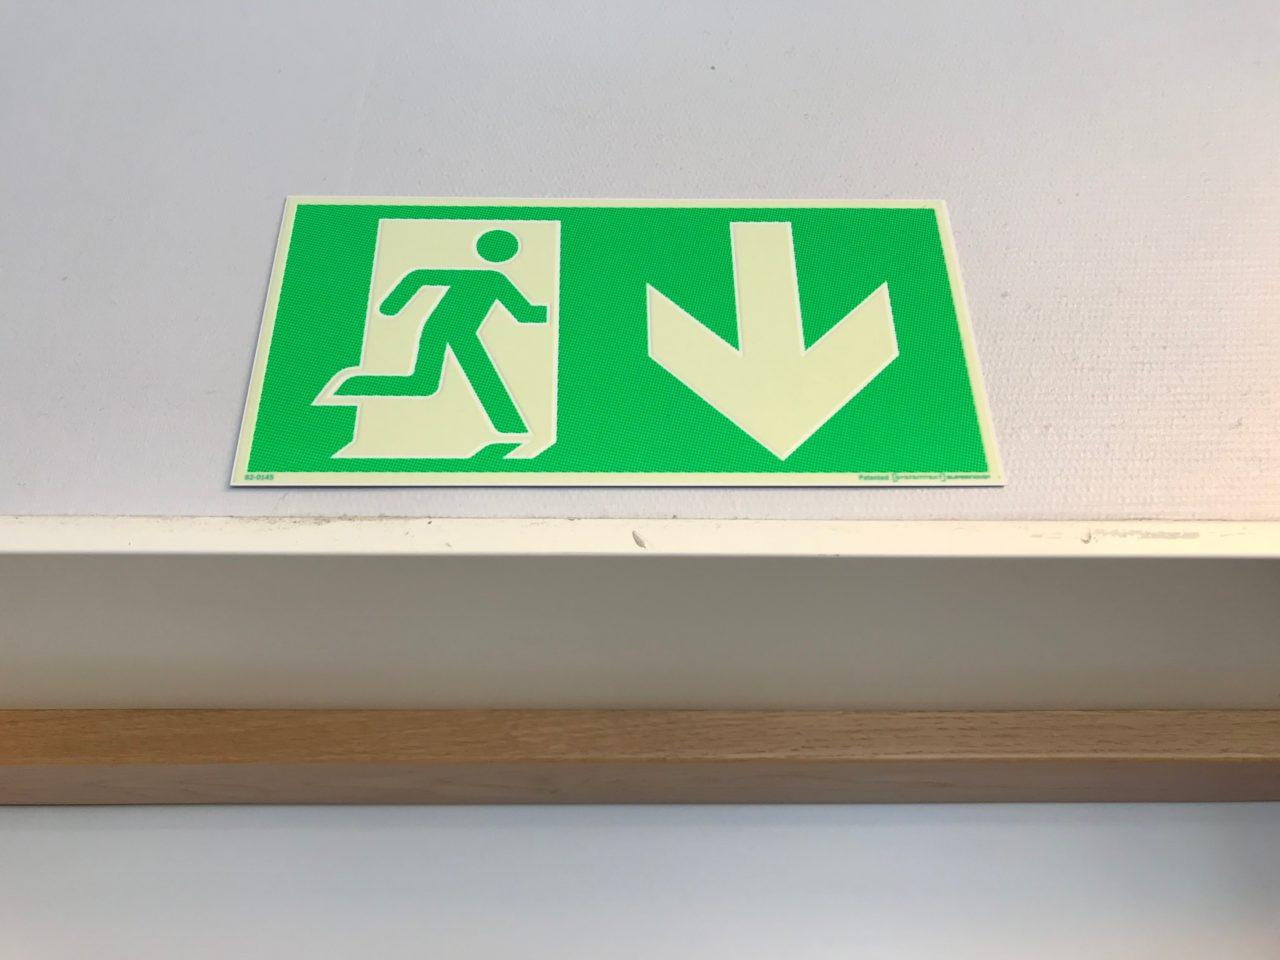 Green Emergency Exit Sign Over A Door